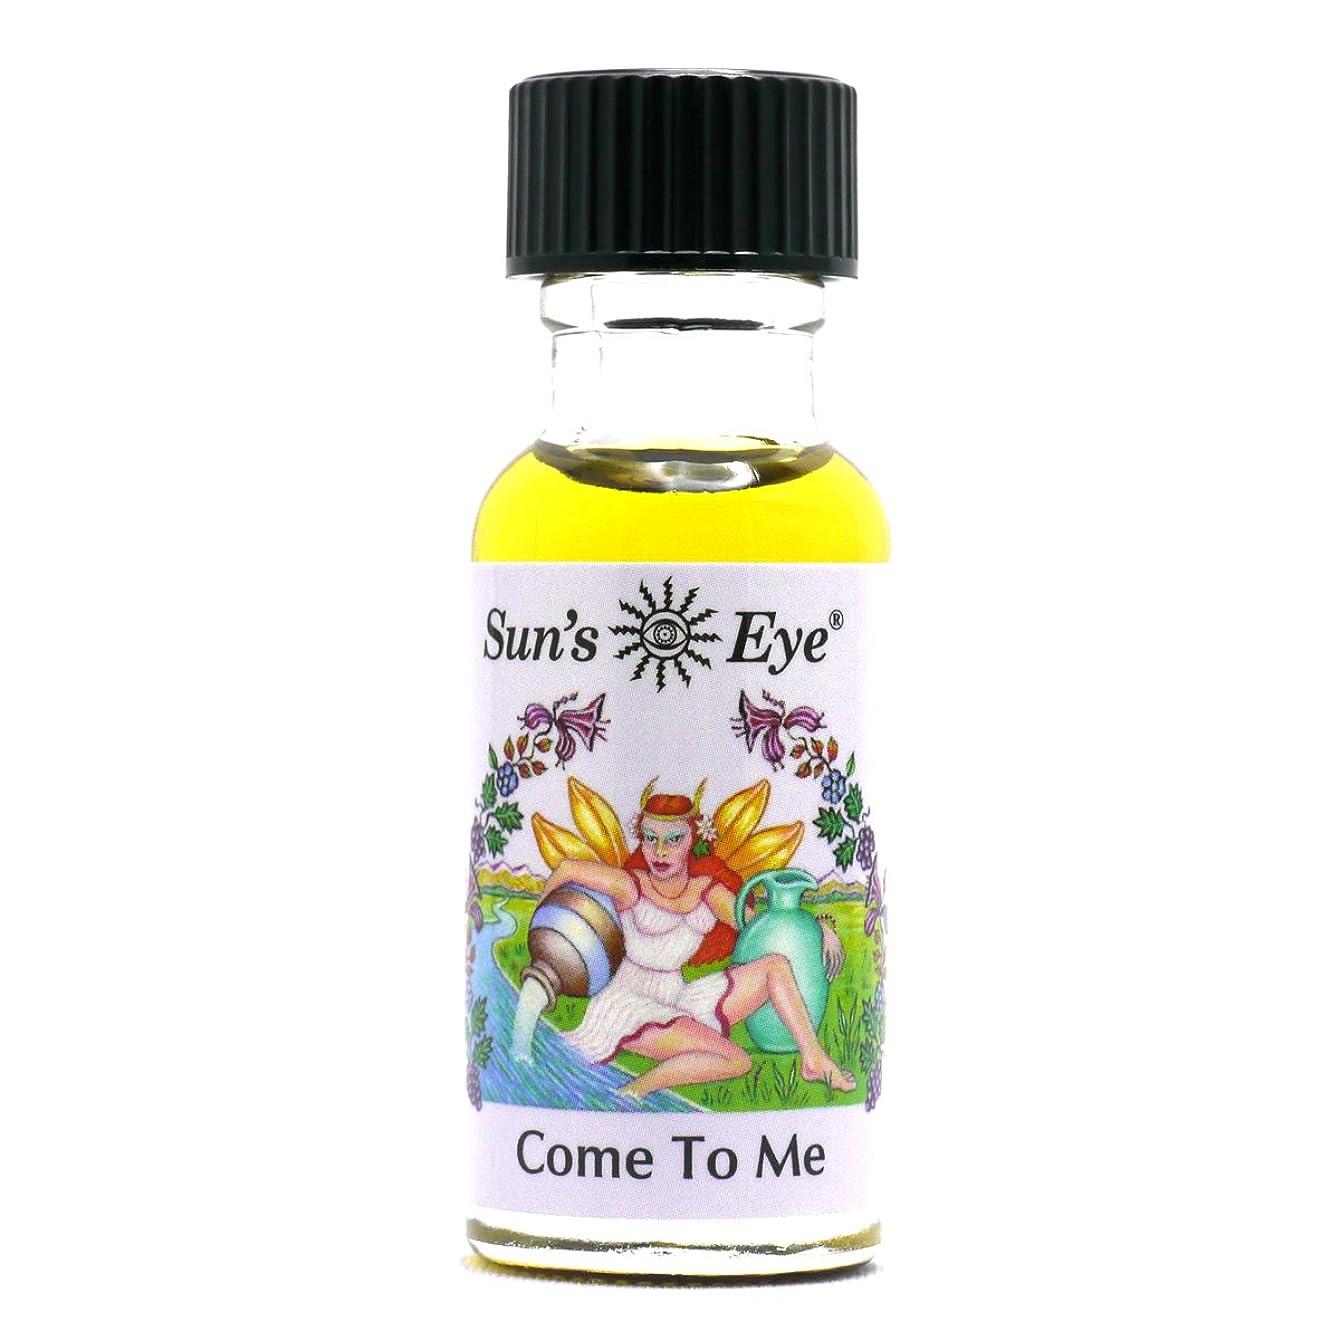 詐欺師意気揚々印象【Sun'sEye サンズアイ】Mystic Blends(ミスティックブレンドオイル)Come to me(カムトゥミー)